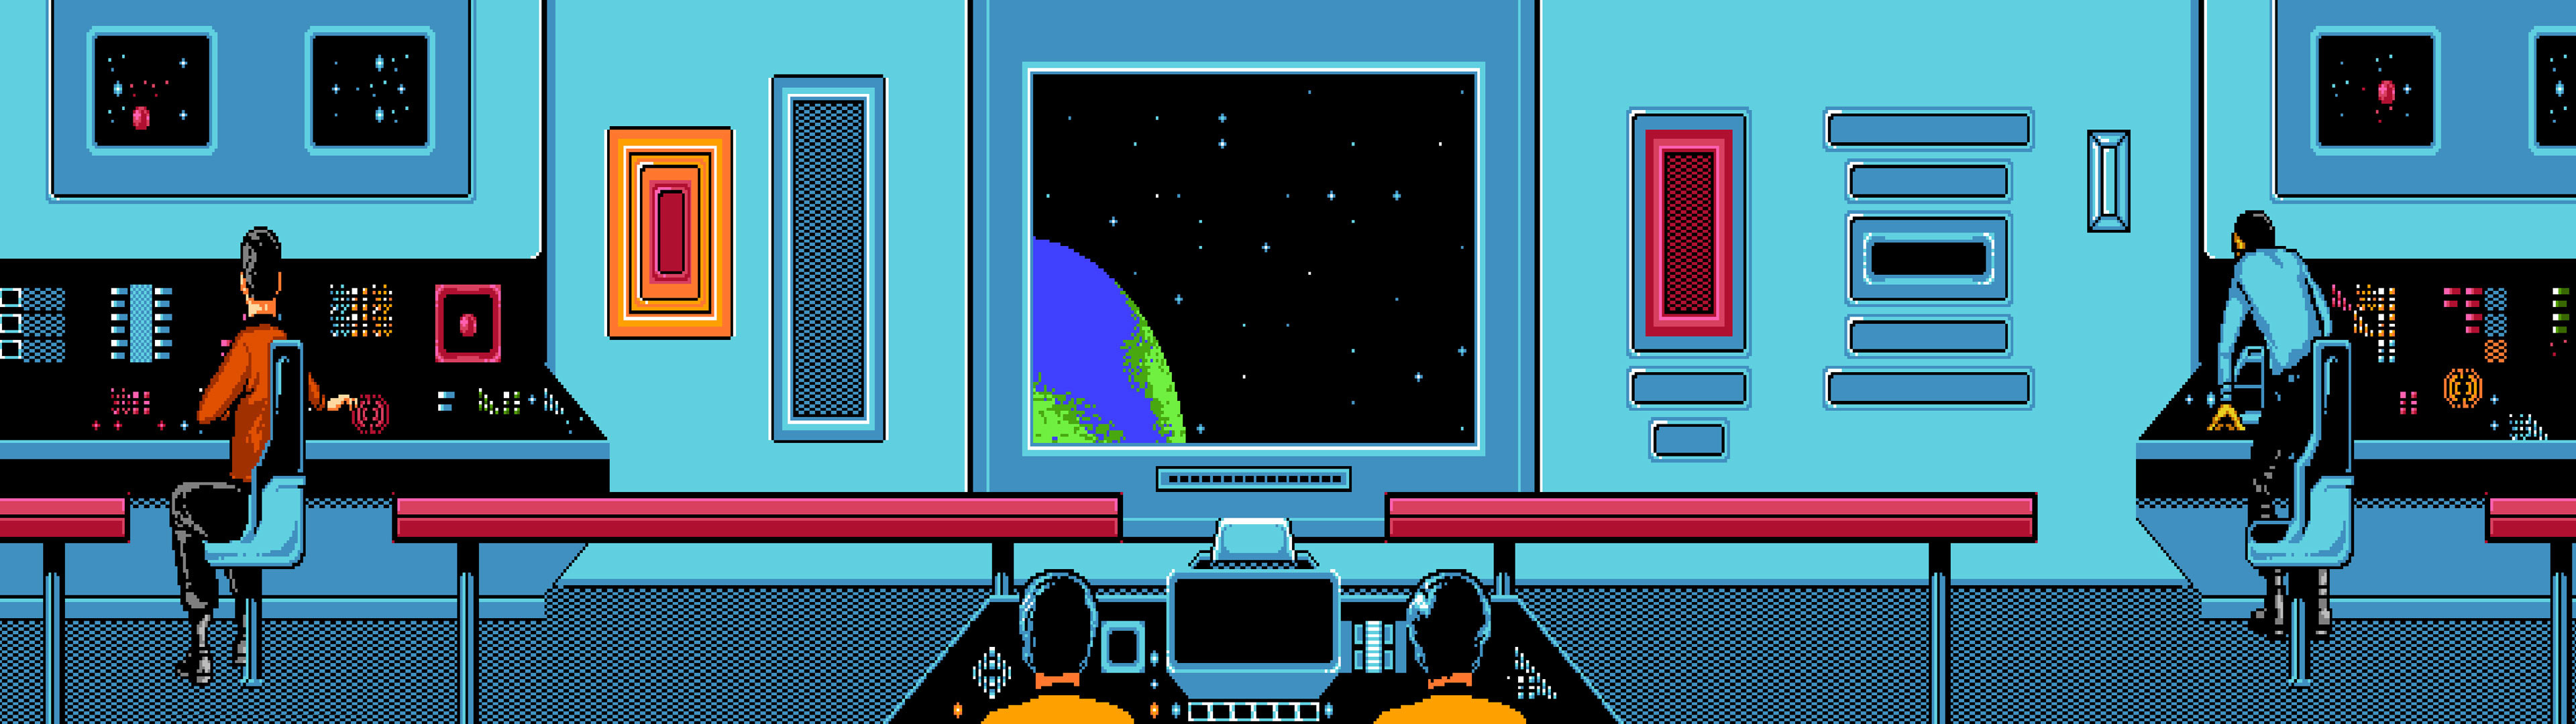 Multi Monitor – Sci Fi Wallpaper